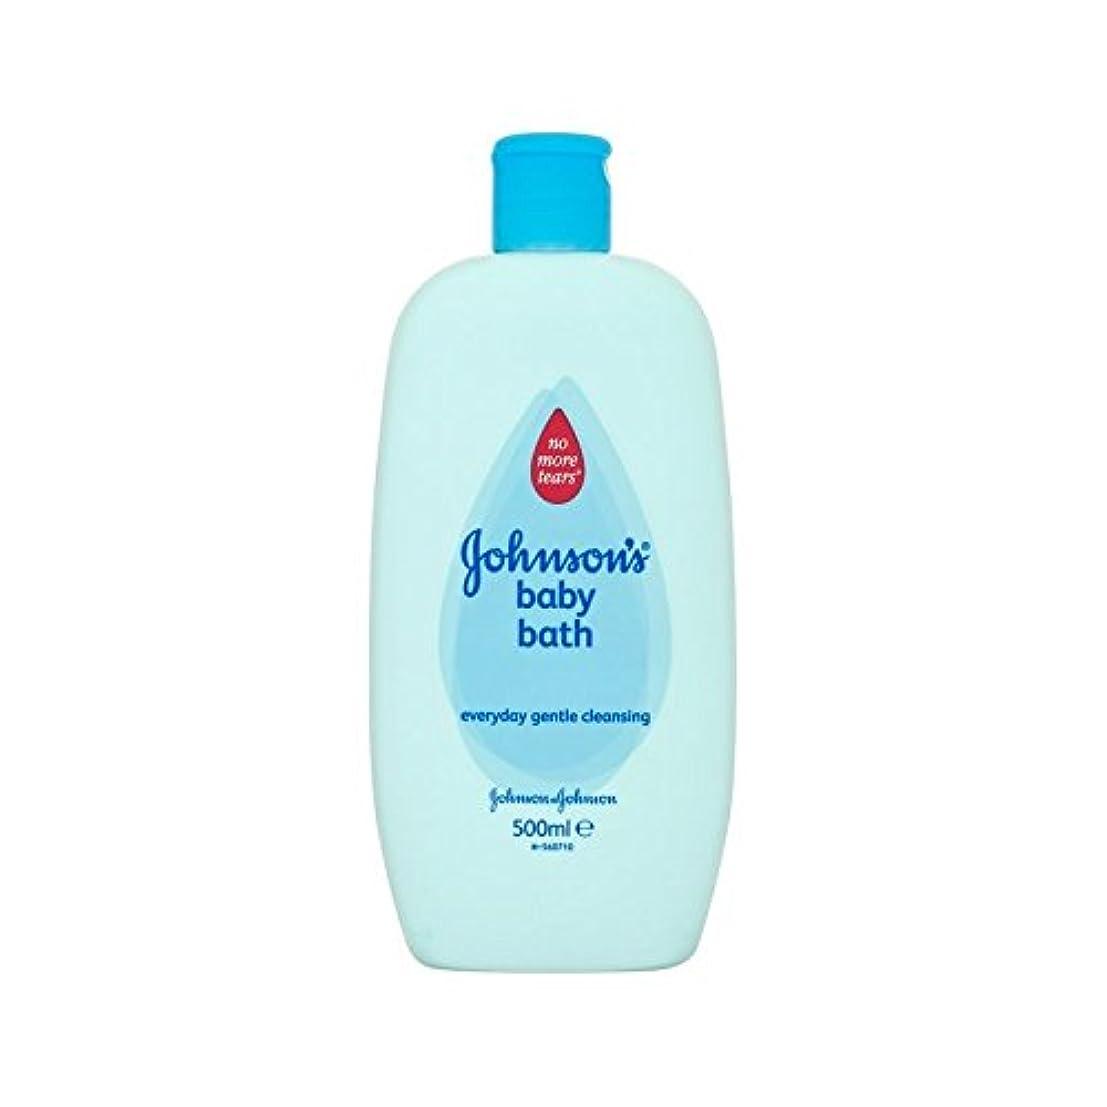 バス500ミリリットル (Johnson's Baby) - Johnson's Baby Bath 500ml [並行輸入品]